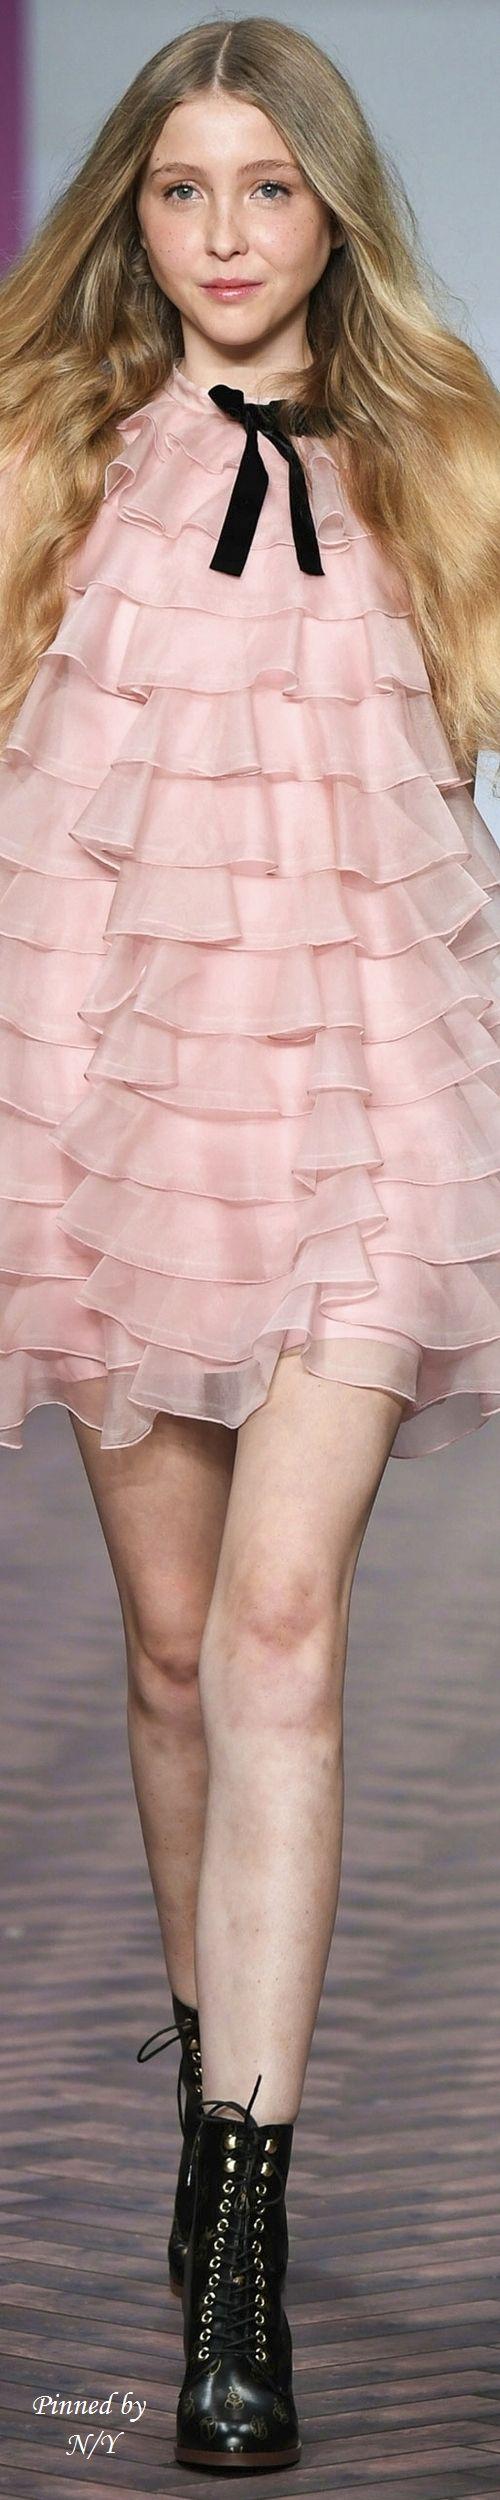 100 mejores imágenes de Deliciously Pink en Pinterest | En vogue ...